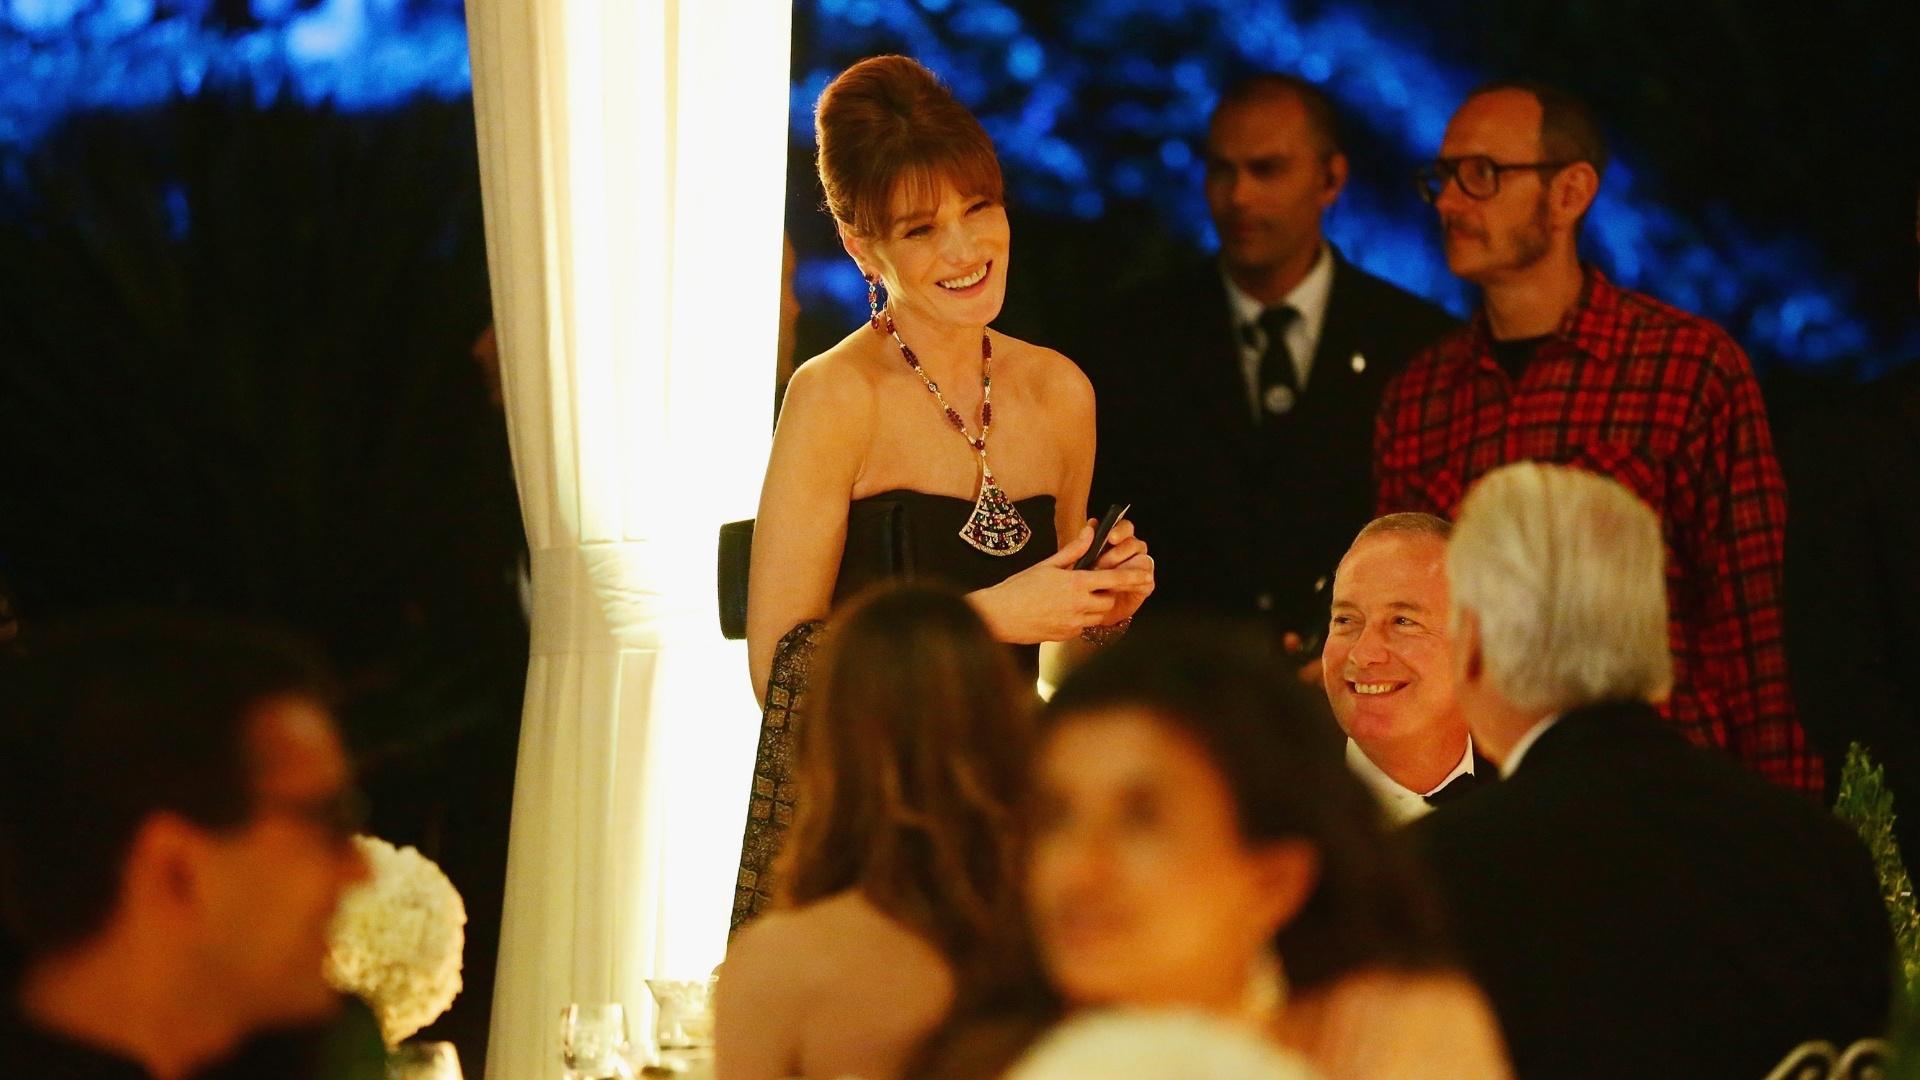 20.jun.2013 - Cantora Carla Bruni participa da apresentação da coleção Bulgari High Jewellery Diva Collection, em Portofino, Itália